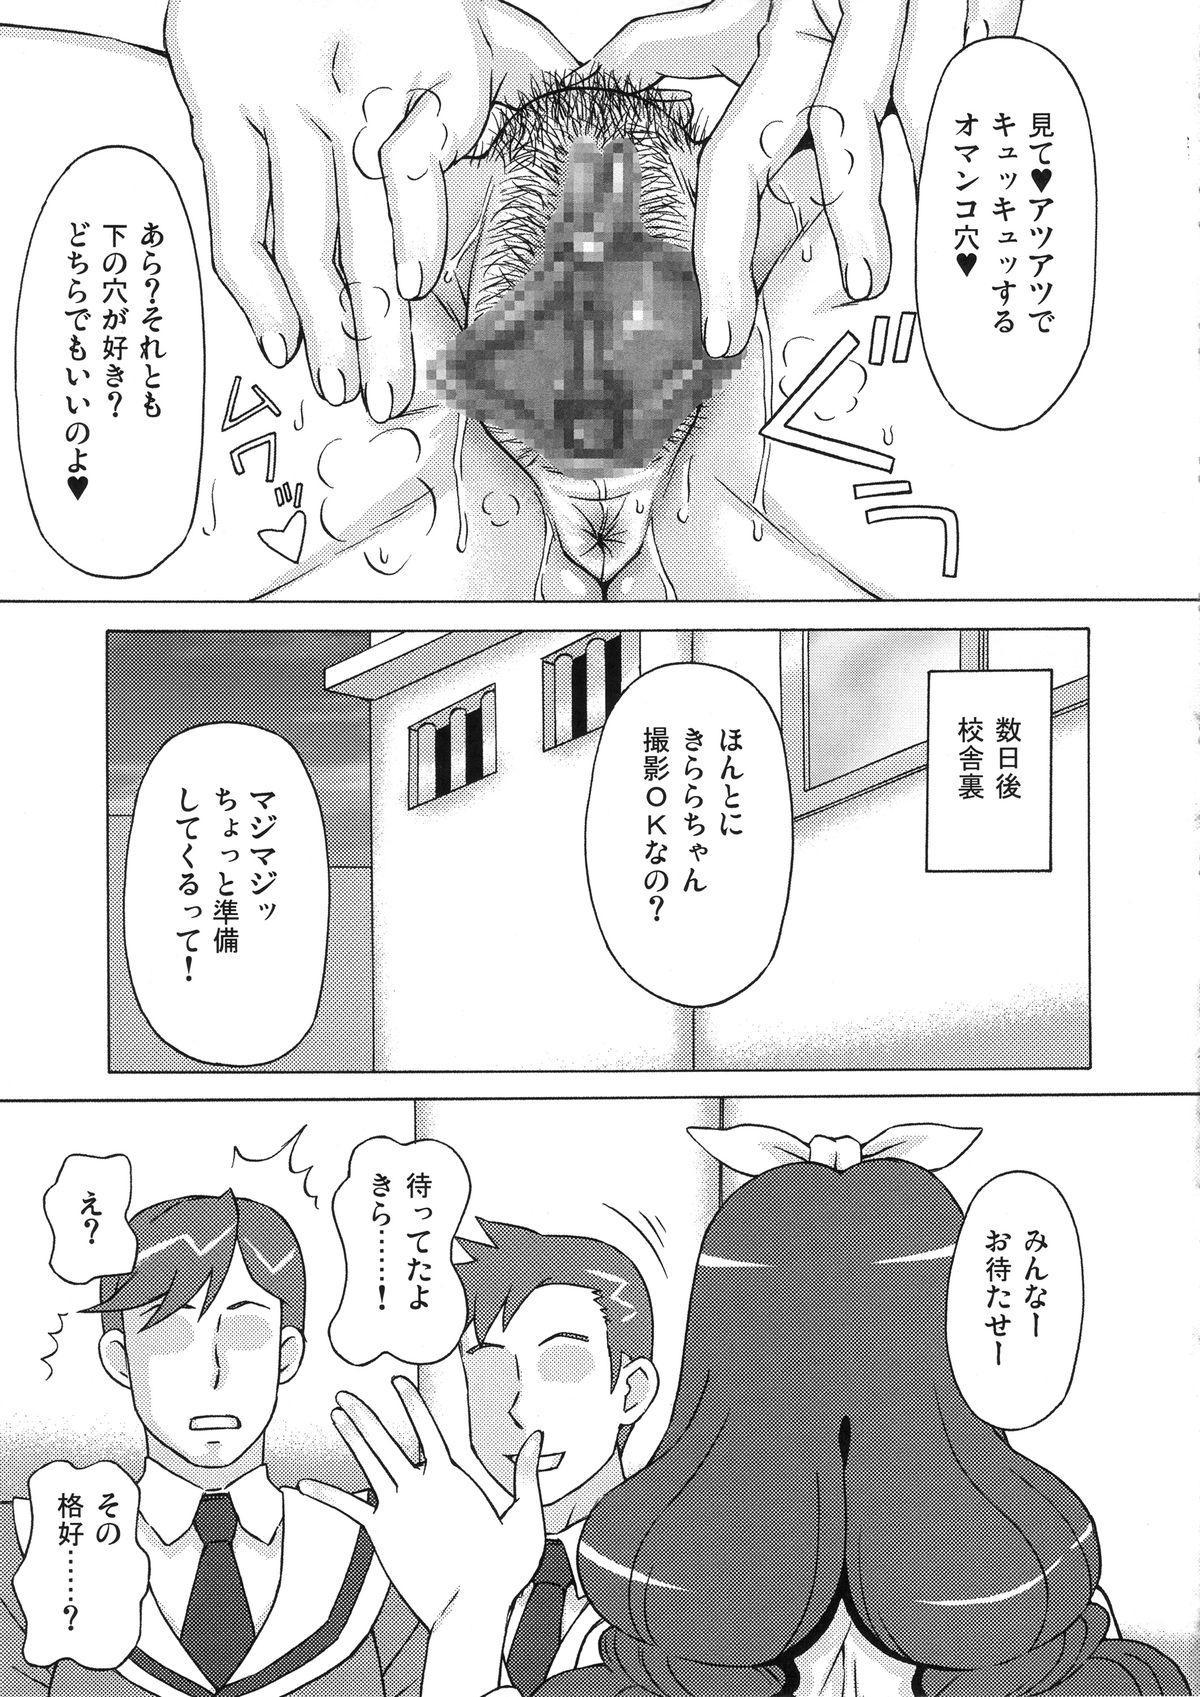 Kaidou Minami to Amanogawa Kirara ni Iroiro Shitemita. 53